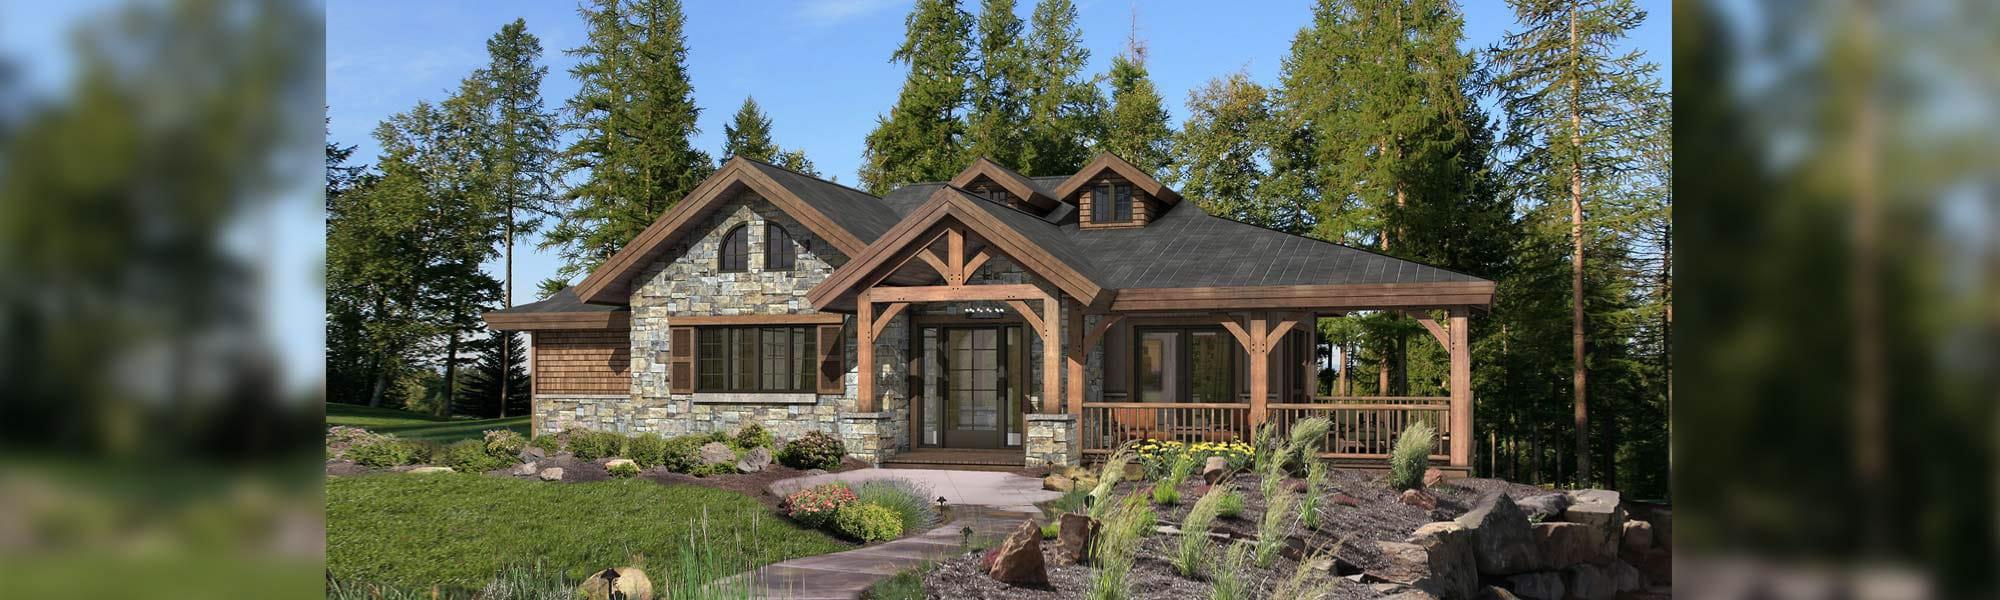 Grandview timber frame cottage design